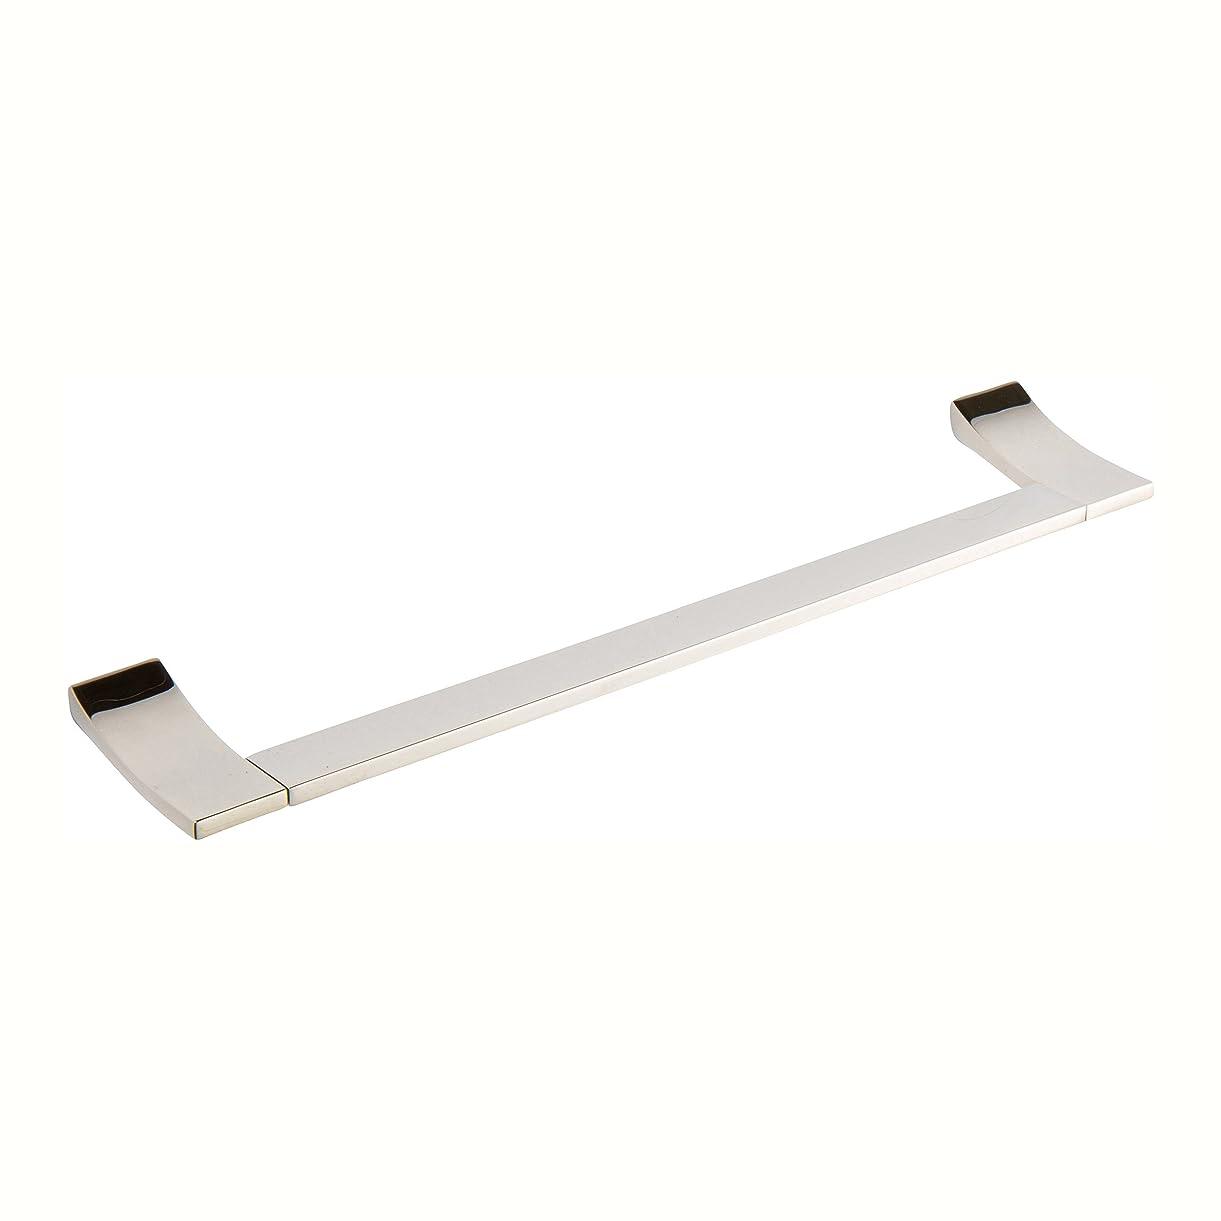 ふざけたコントロール耐えられるGinger - Cinu 61cm Towel Bar - 4703/PN - Polished Nickel